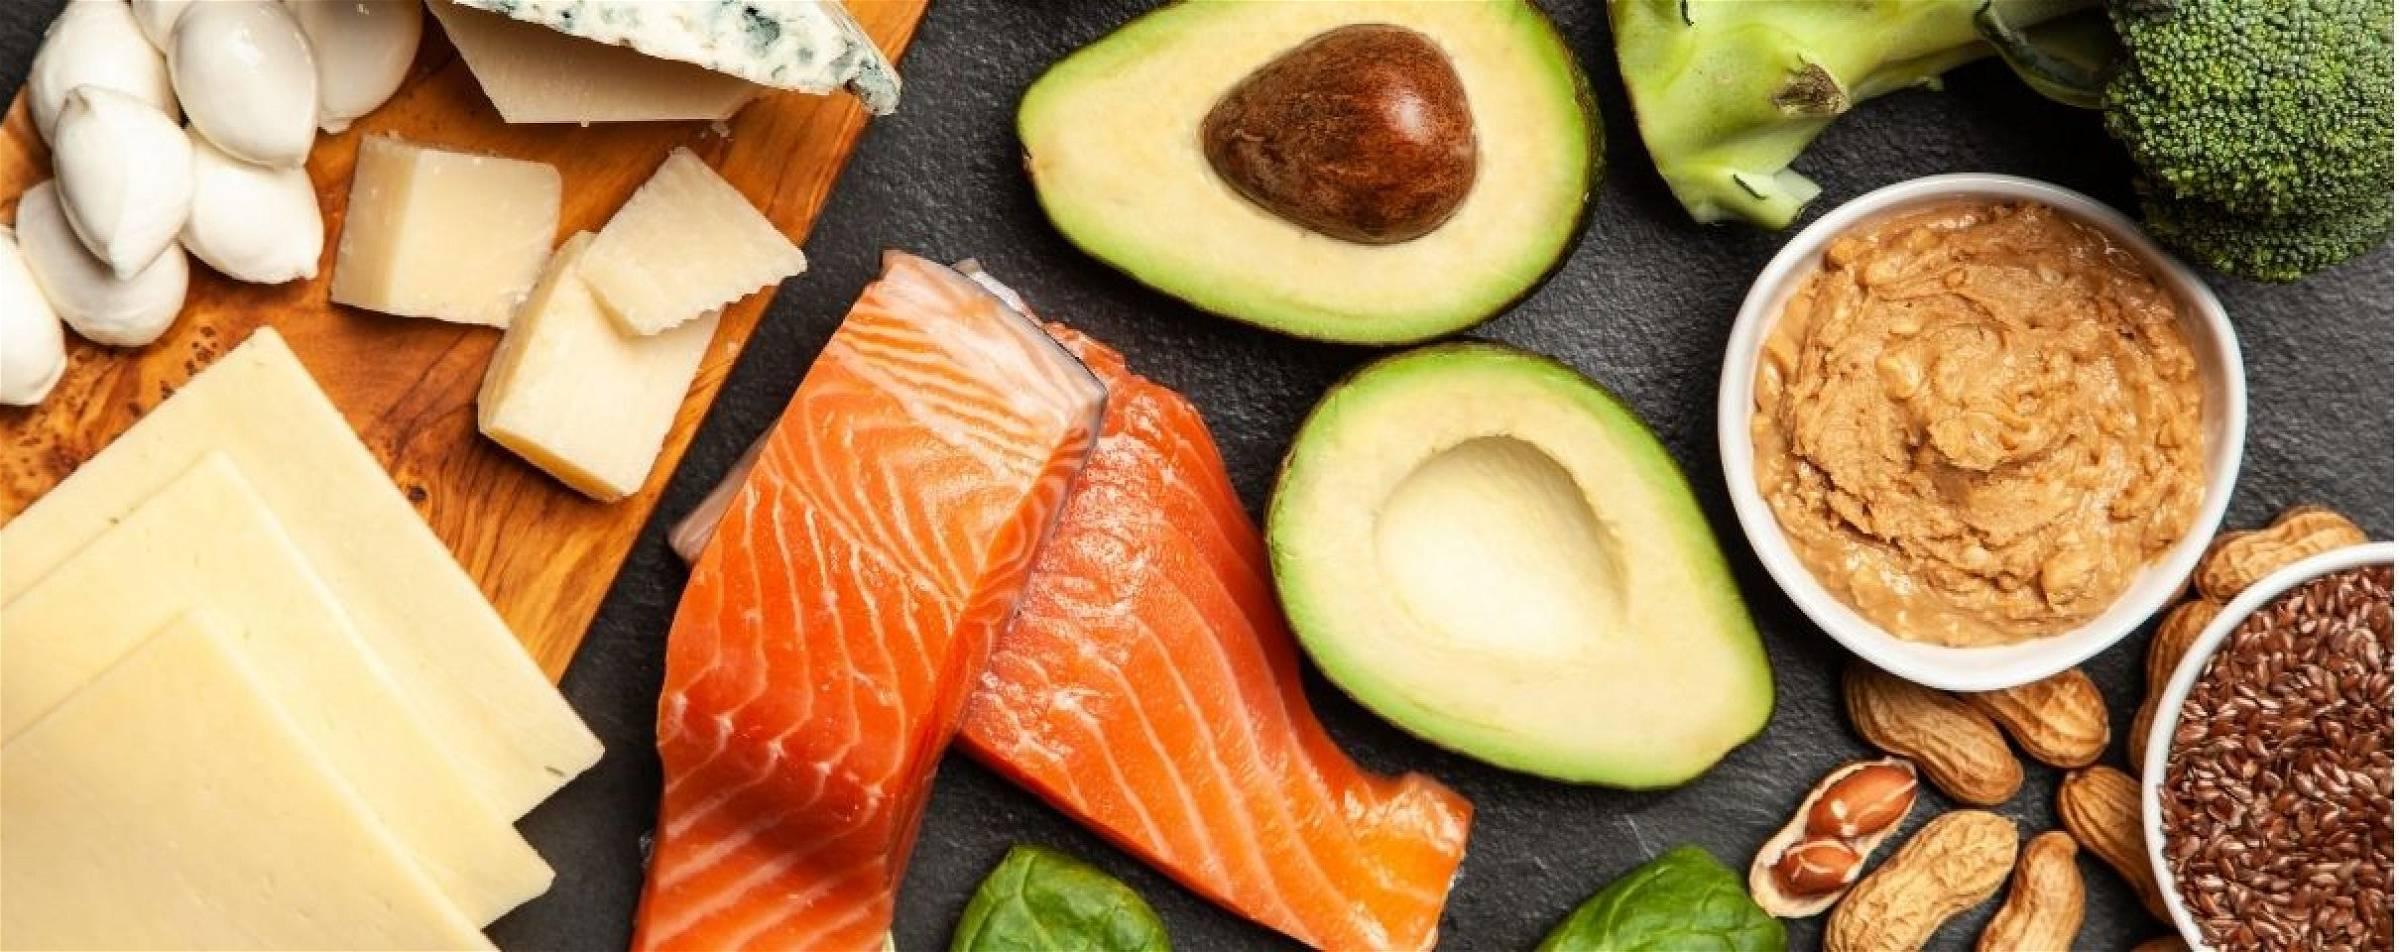 Vette vis, avocado en nootje zijn voorbeelden van voeding uit een keto dieet